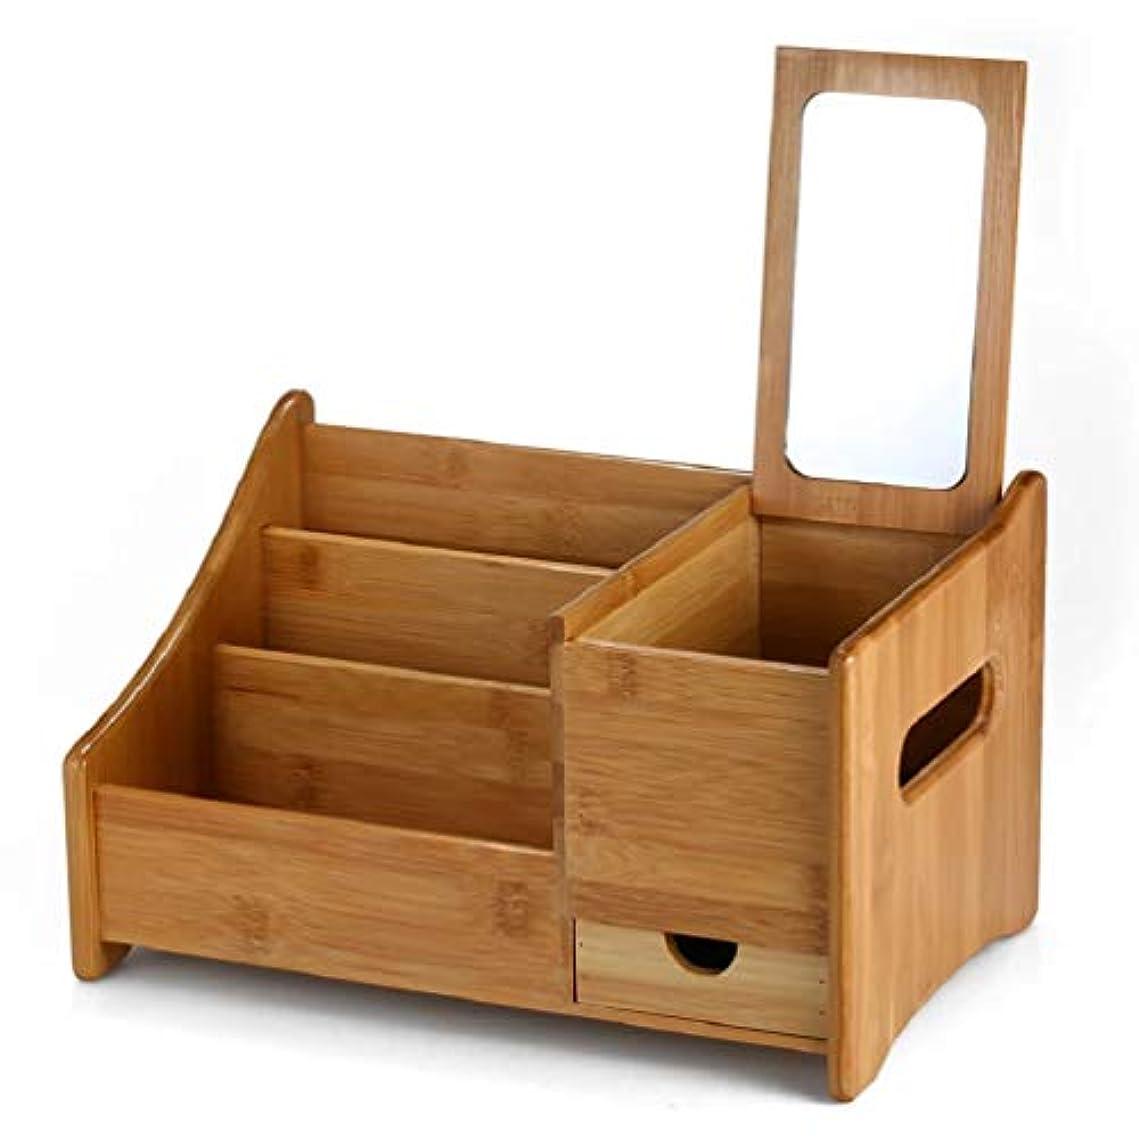 からかう幻滅降雨Anberotta コスメボックス メイクボックス 木製 化粧品収納ケース 卓上マルチ収納 ラック ミラー 化粧鏡付き 引き出し 小物入れ 大容量 J91 (ブラウン)